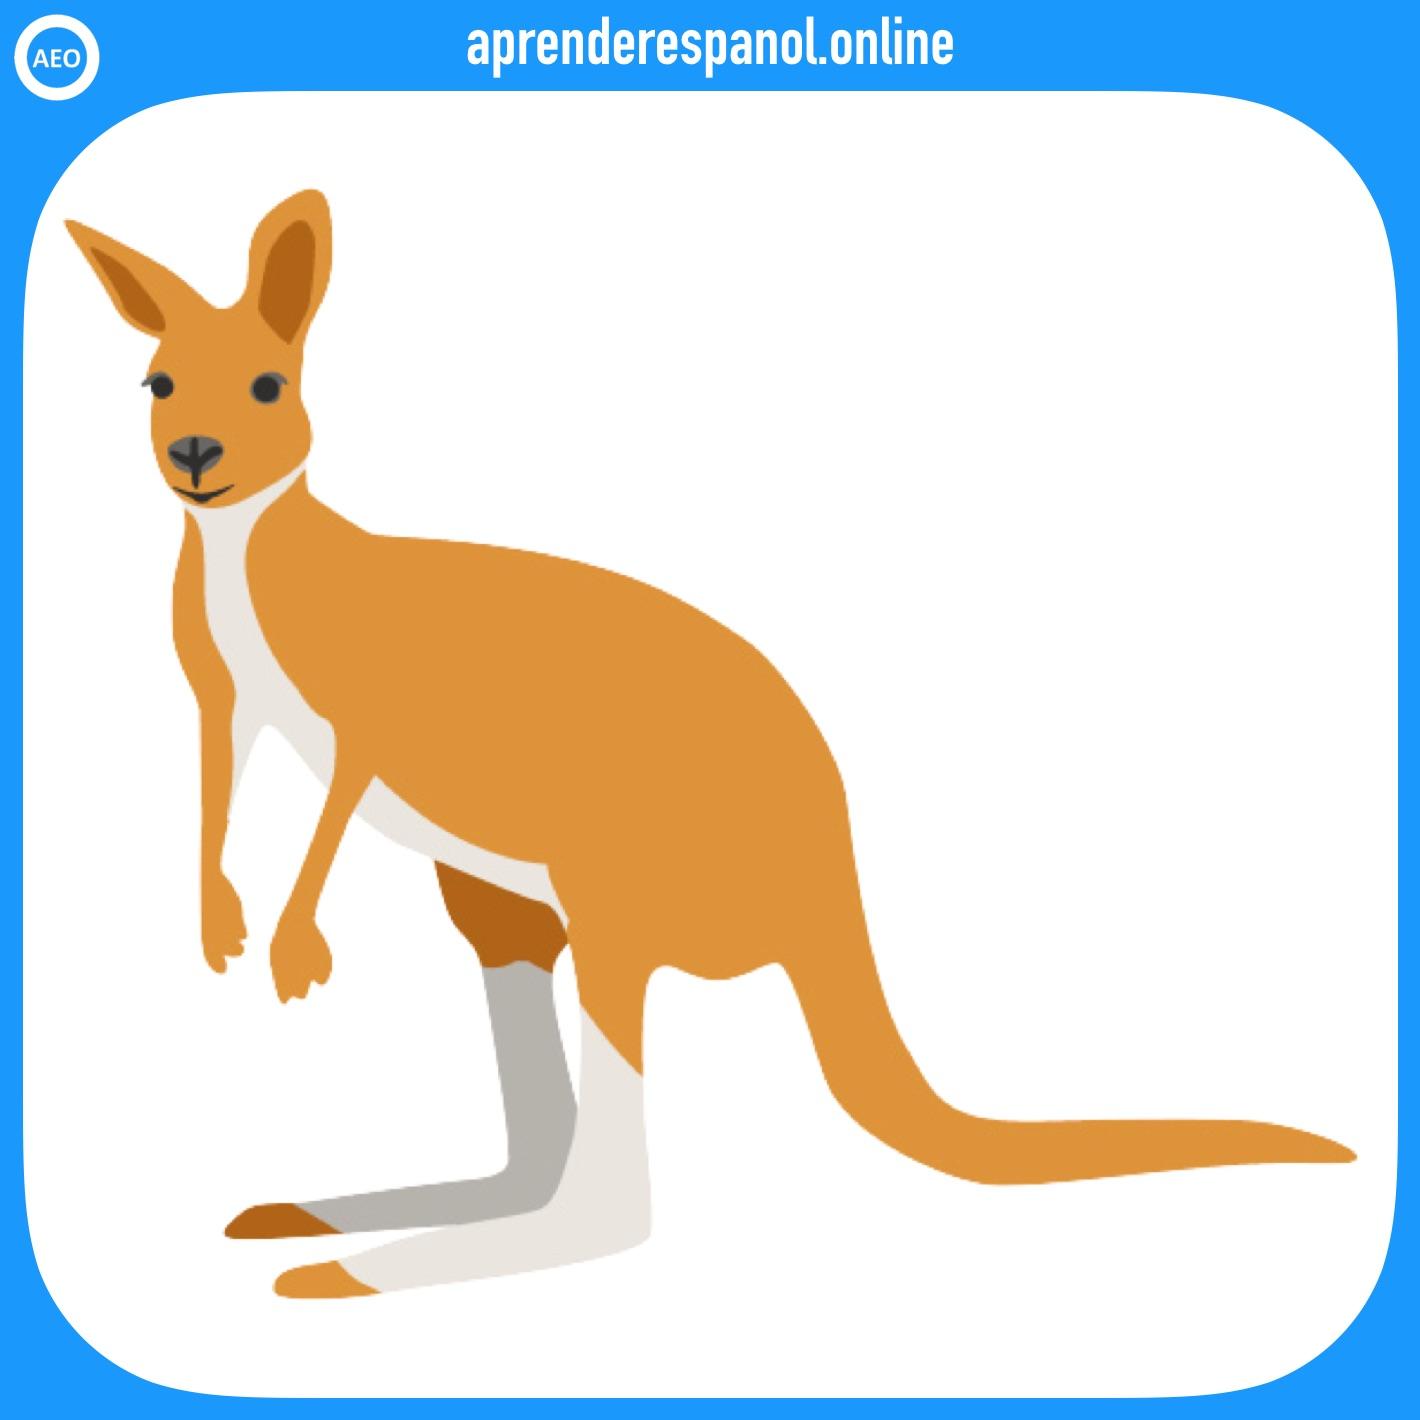 canguro | animales en español | vocabulario de los animales en español